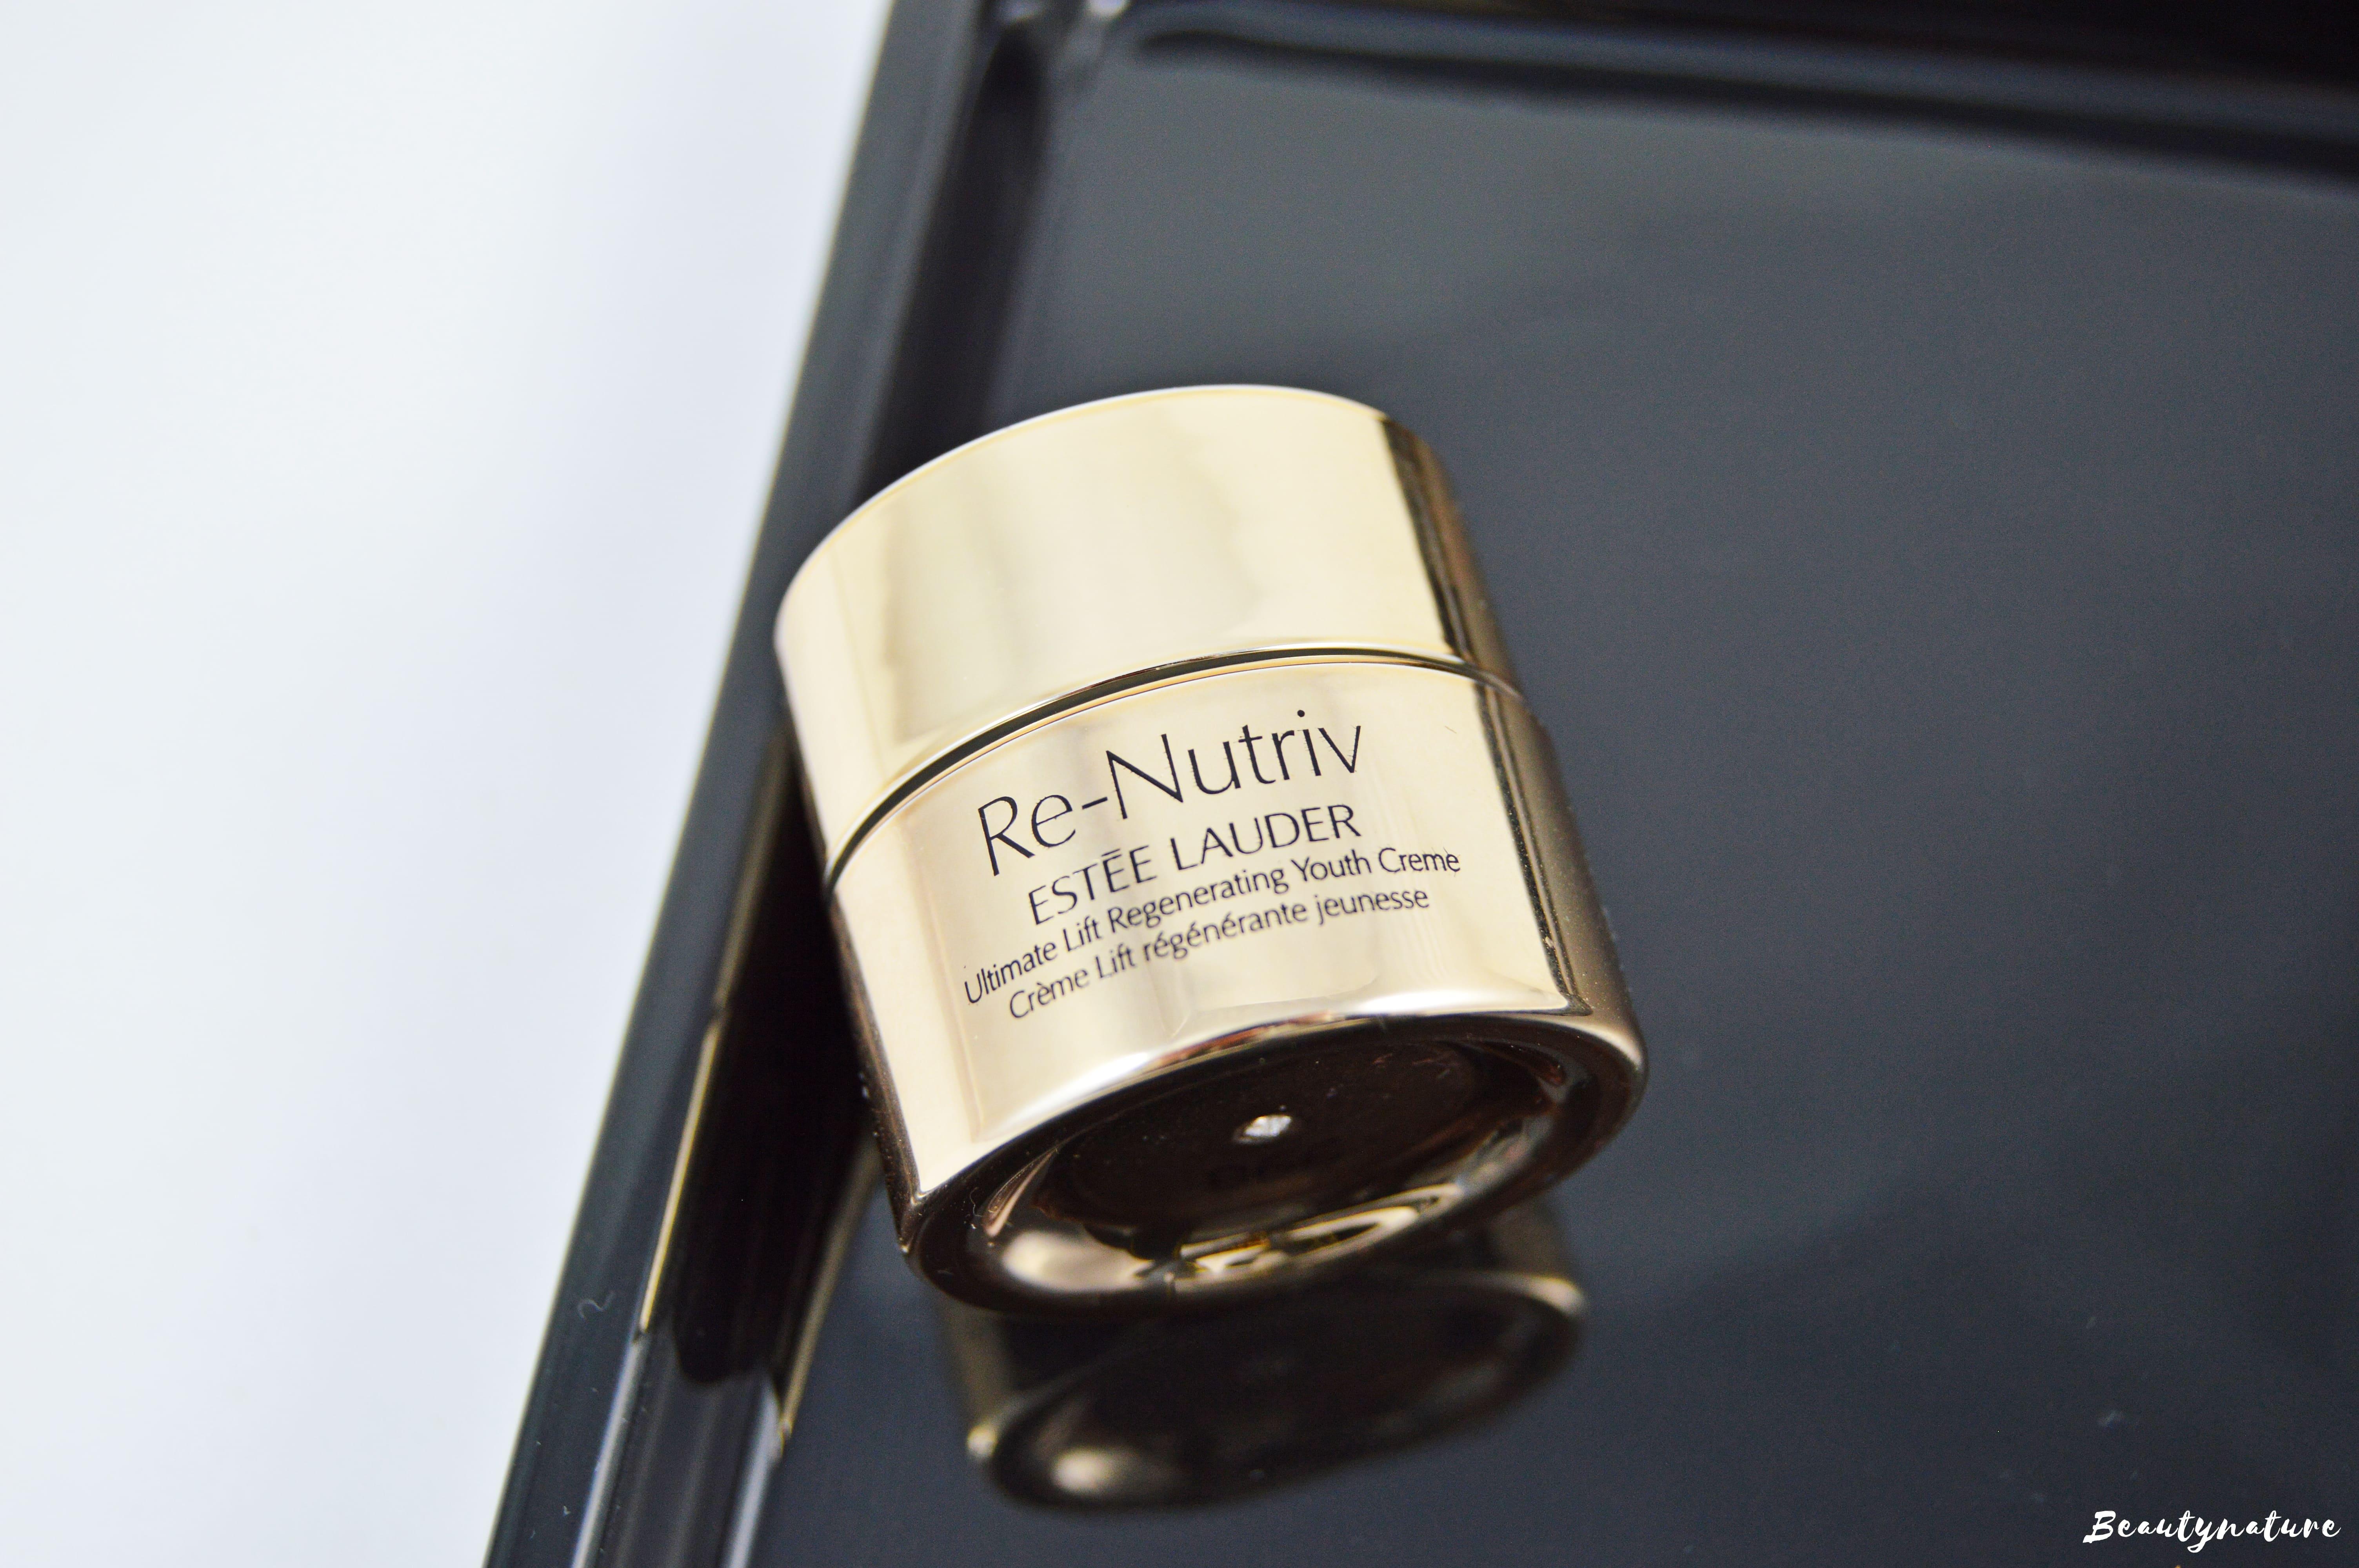 Estée Lauder - Re-Nutriv Ultimate Lift Regenerating Youth Crème